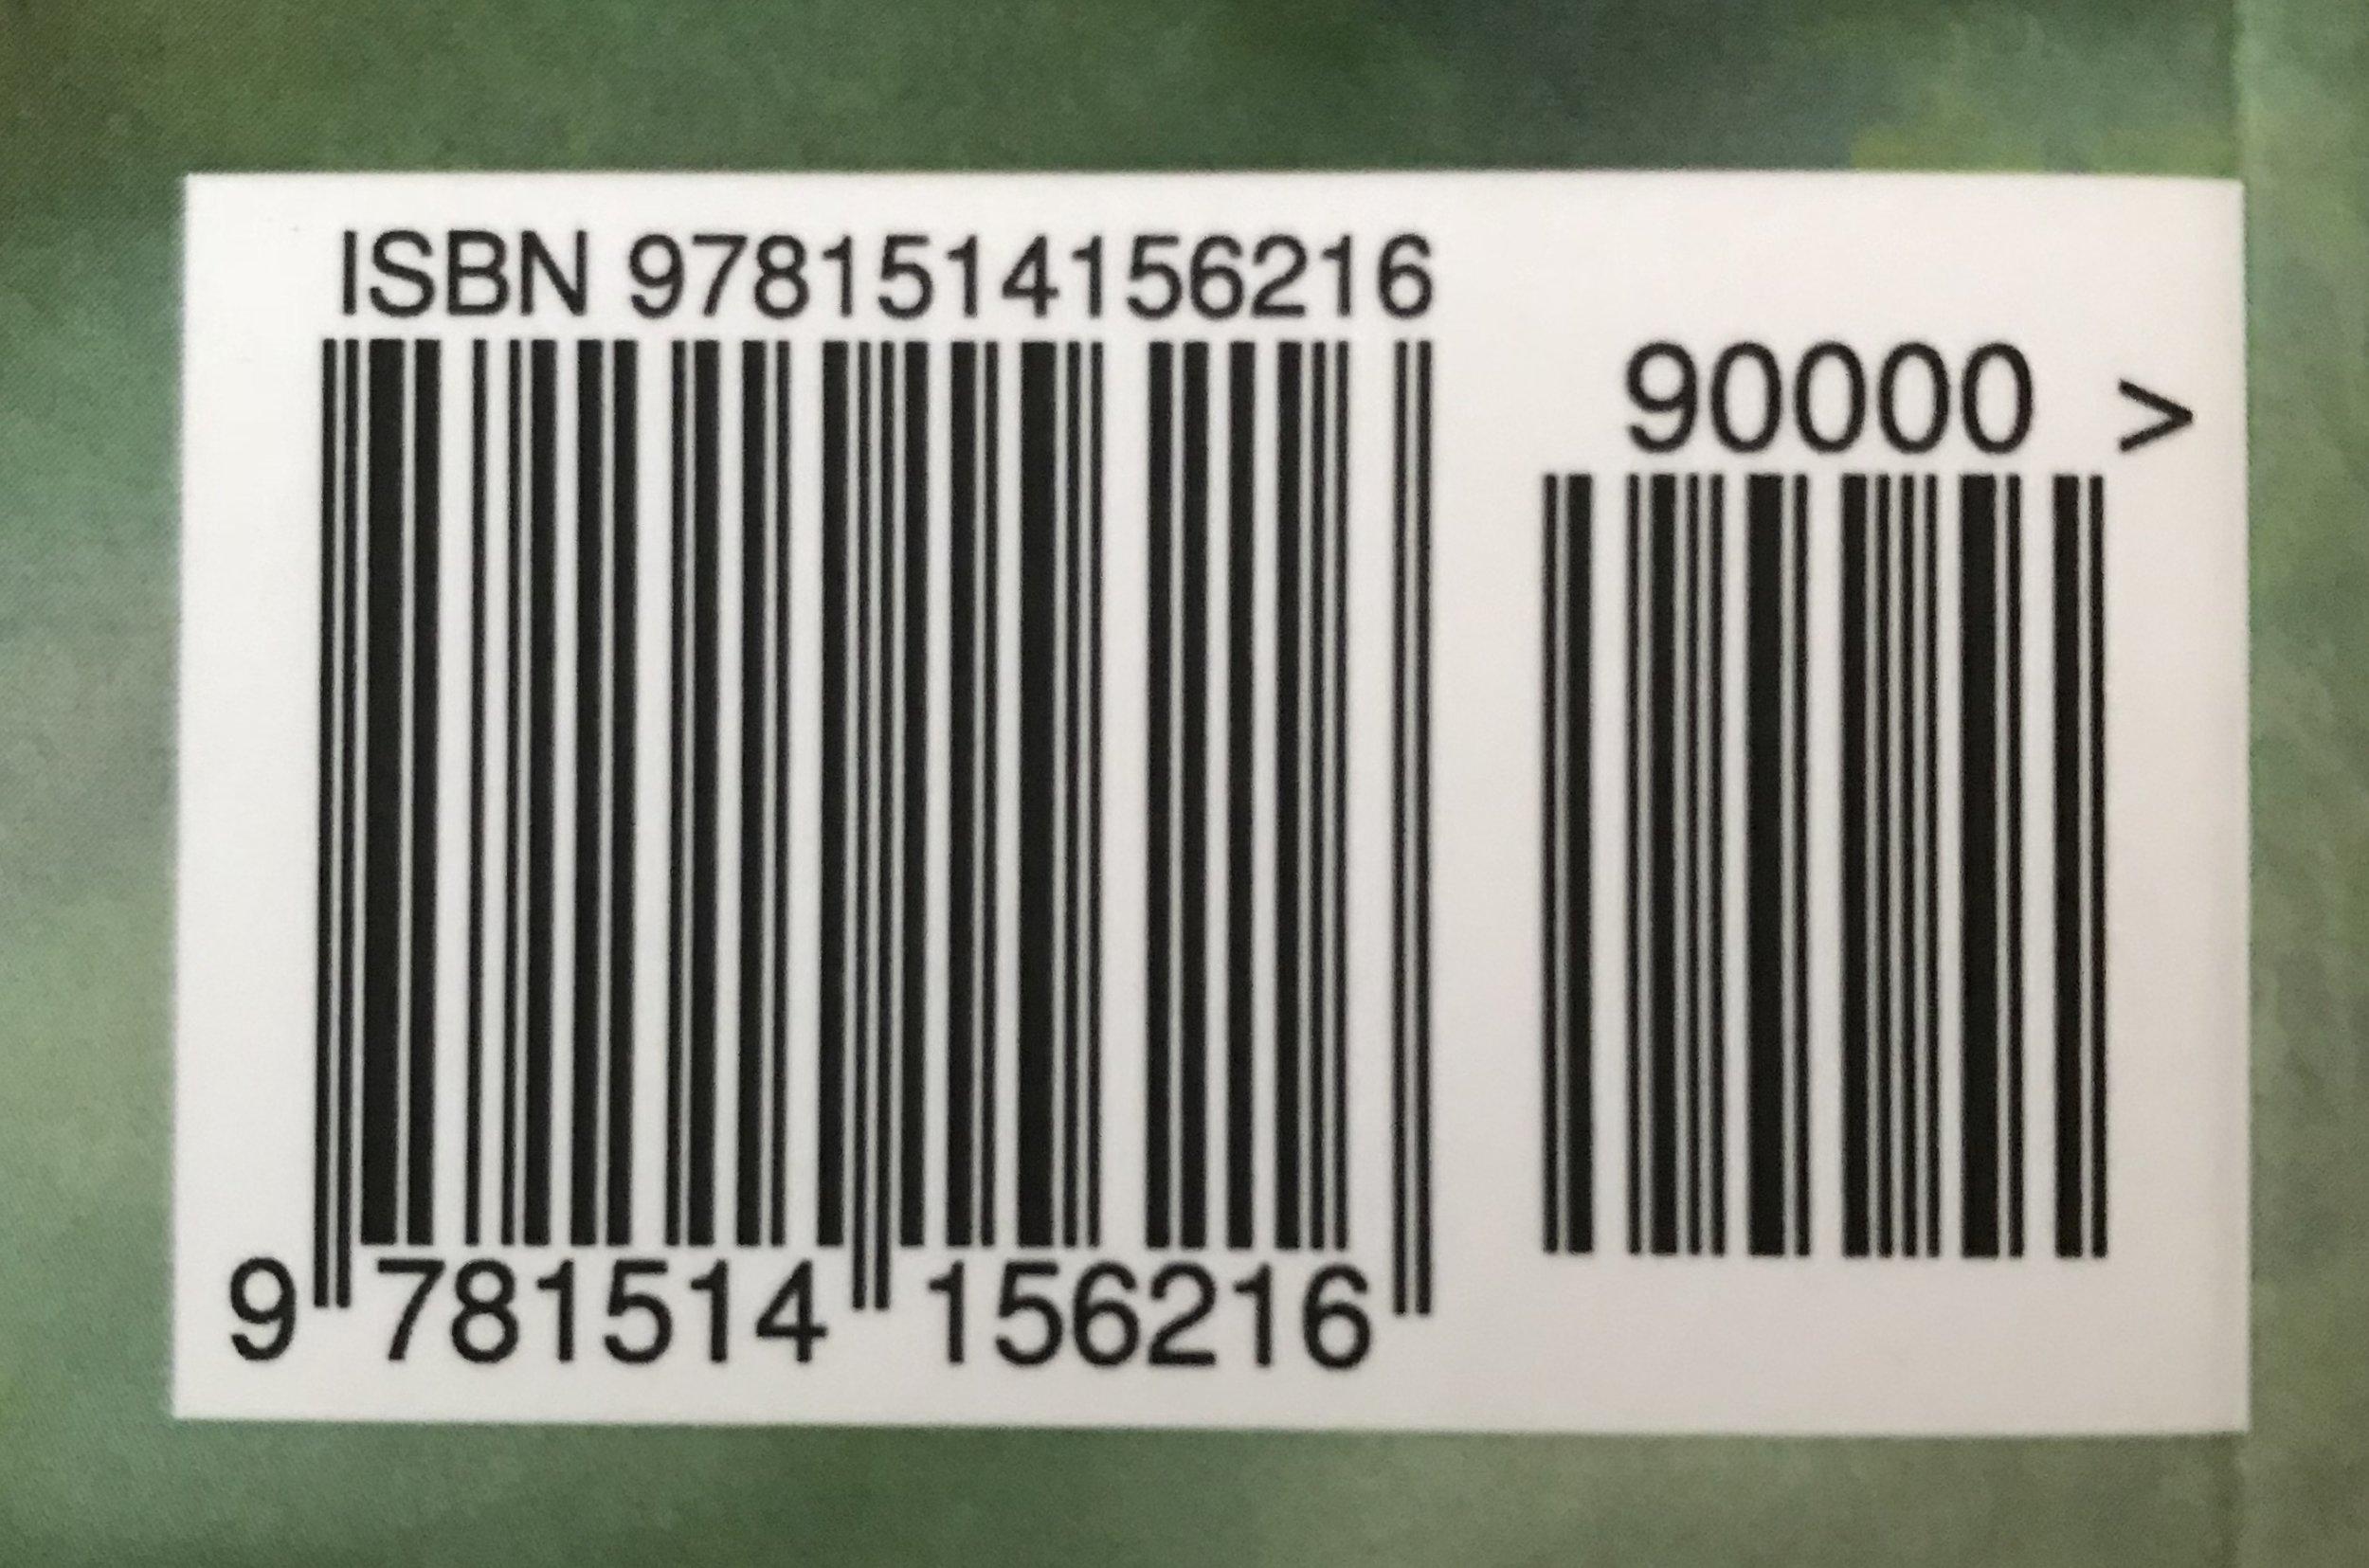 BtA Barcode A.jpg